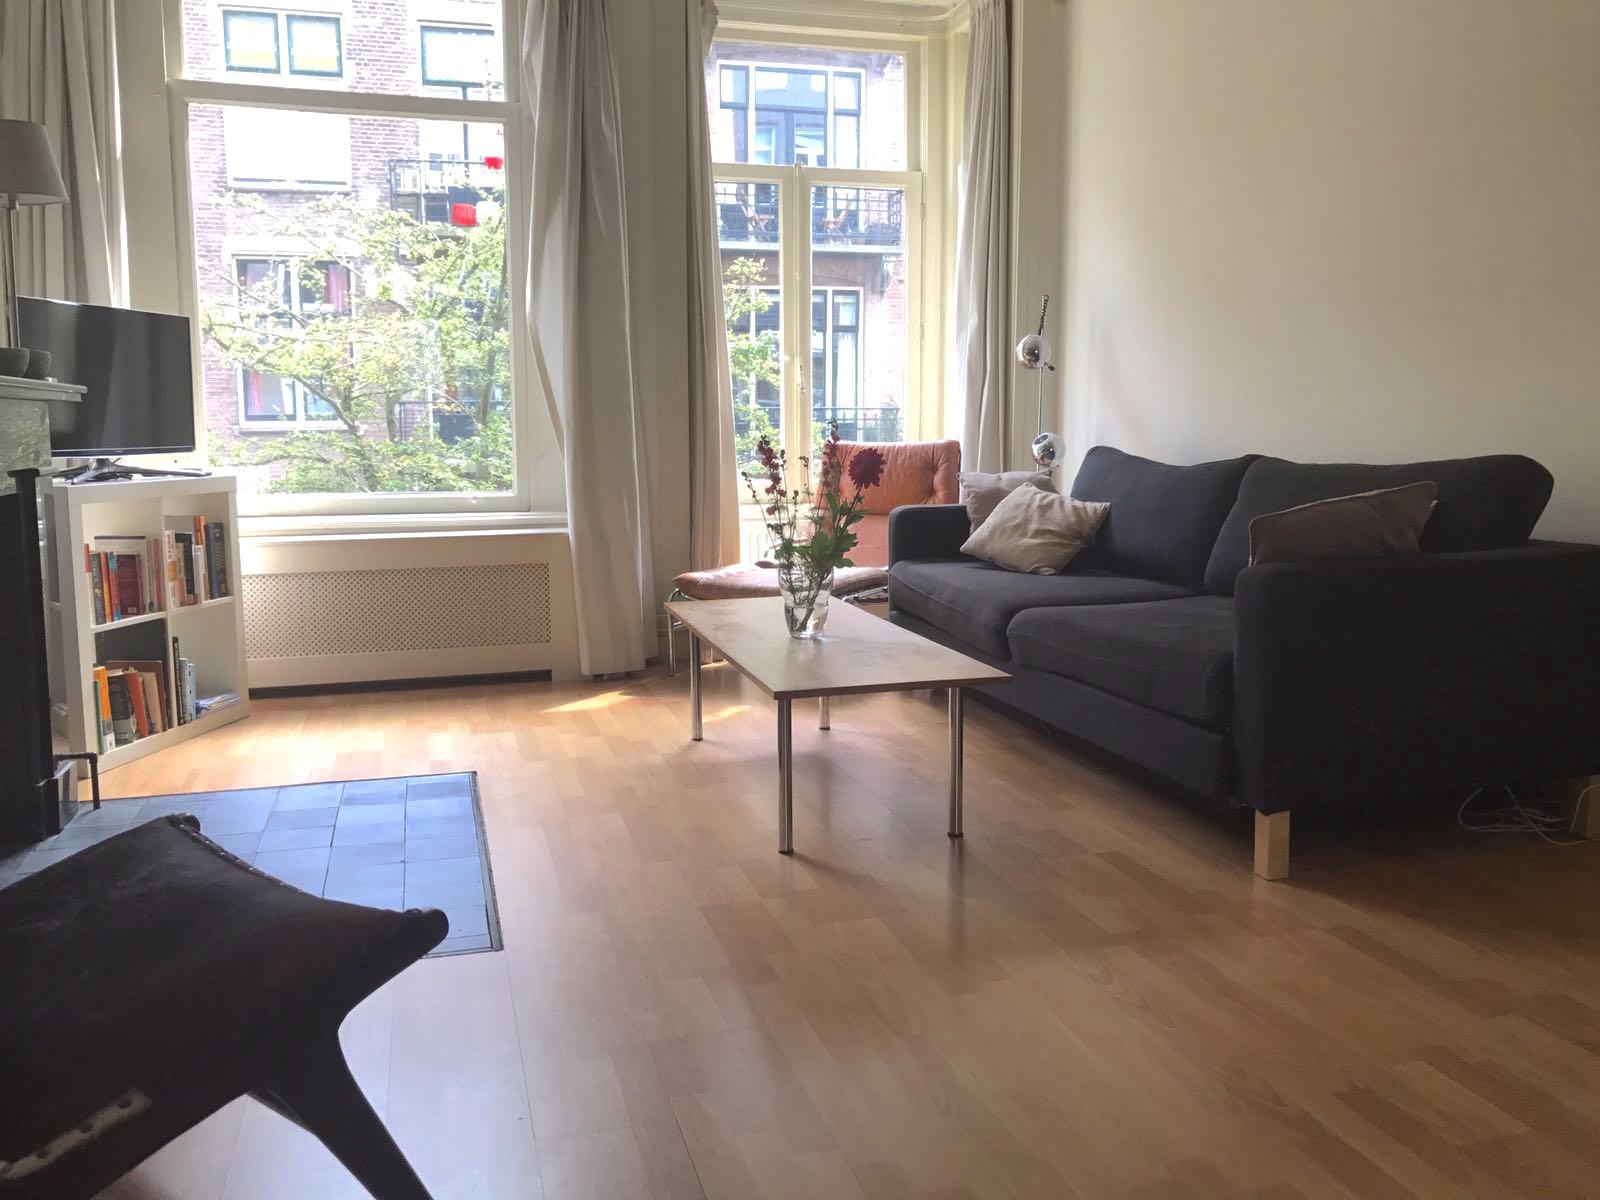 Valeriusstraat 300 I, Amsterdam